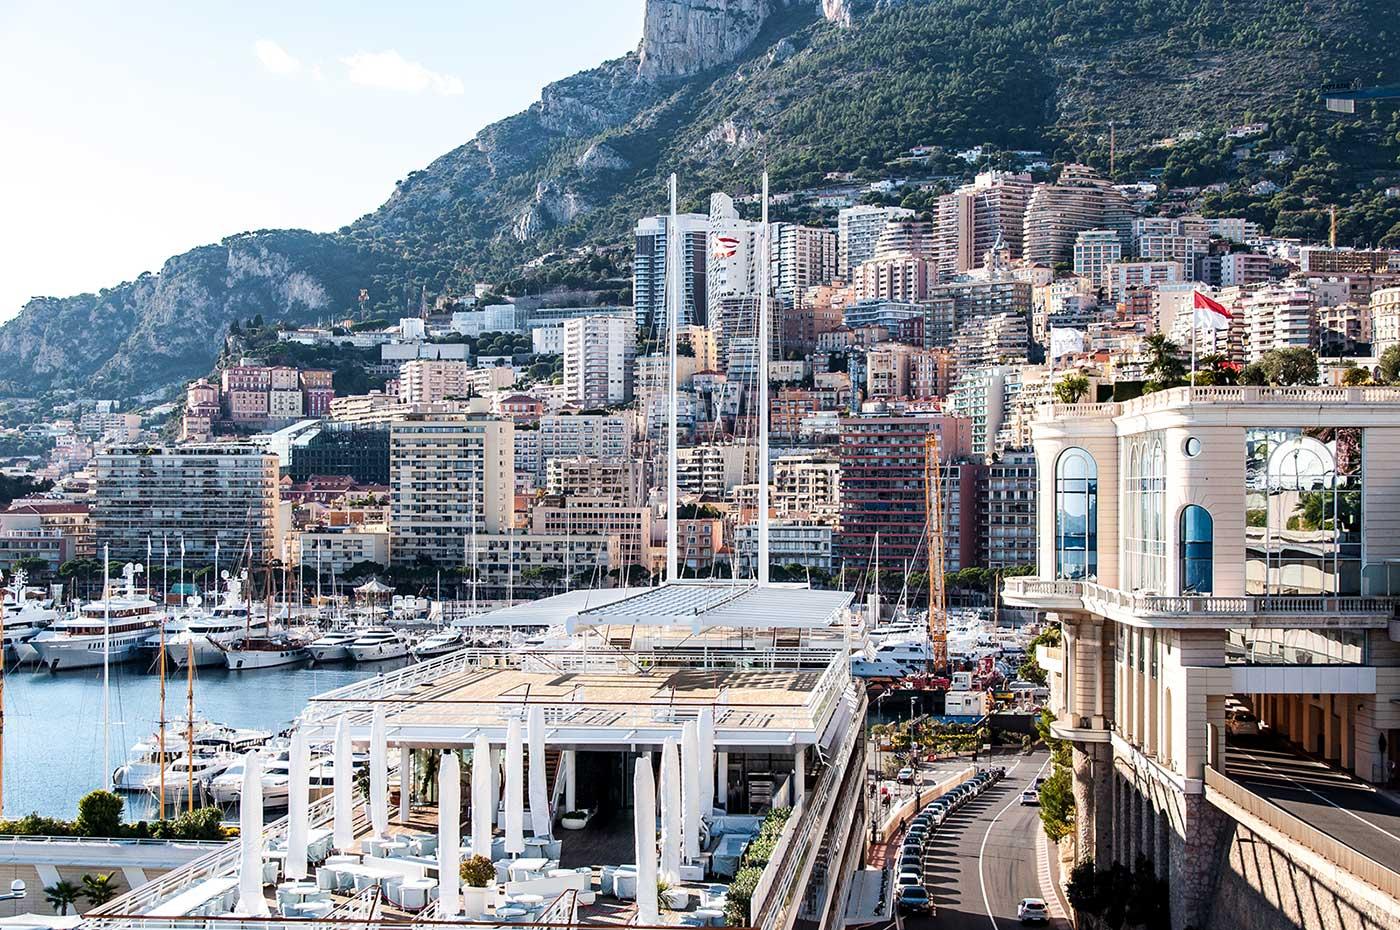 Monaco ist eines der kleinsten Länder Europas und das am dichtesten besiedelte